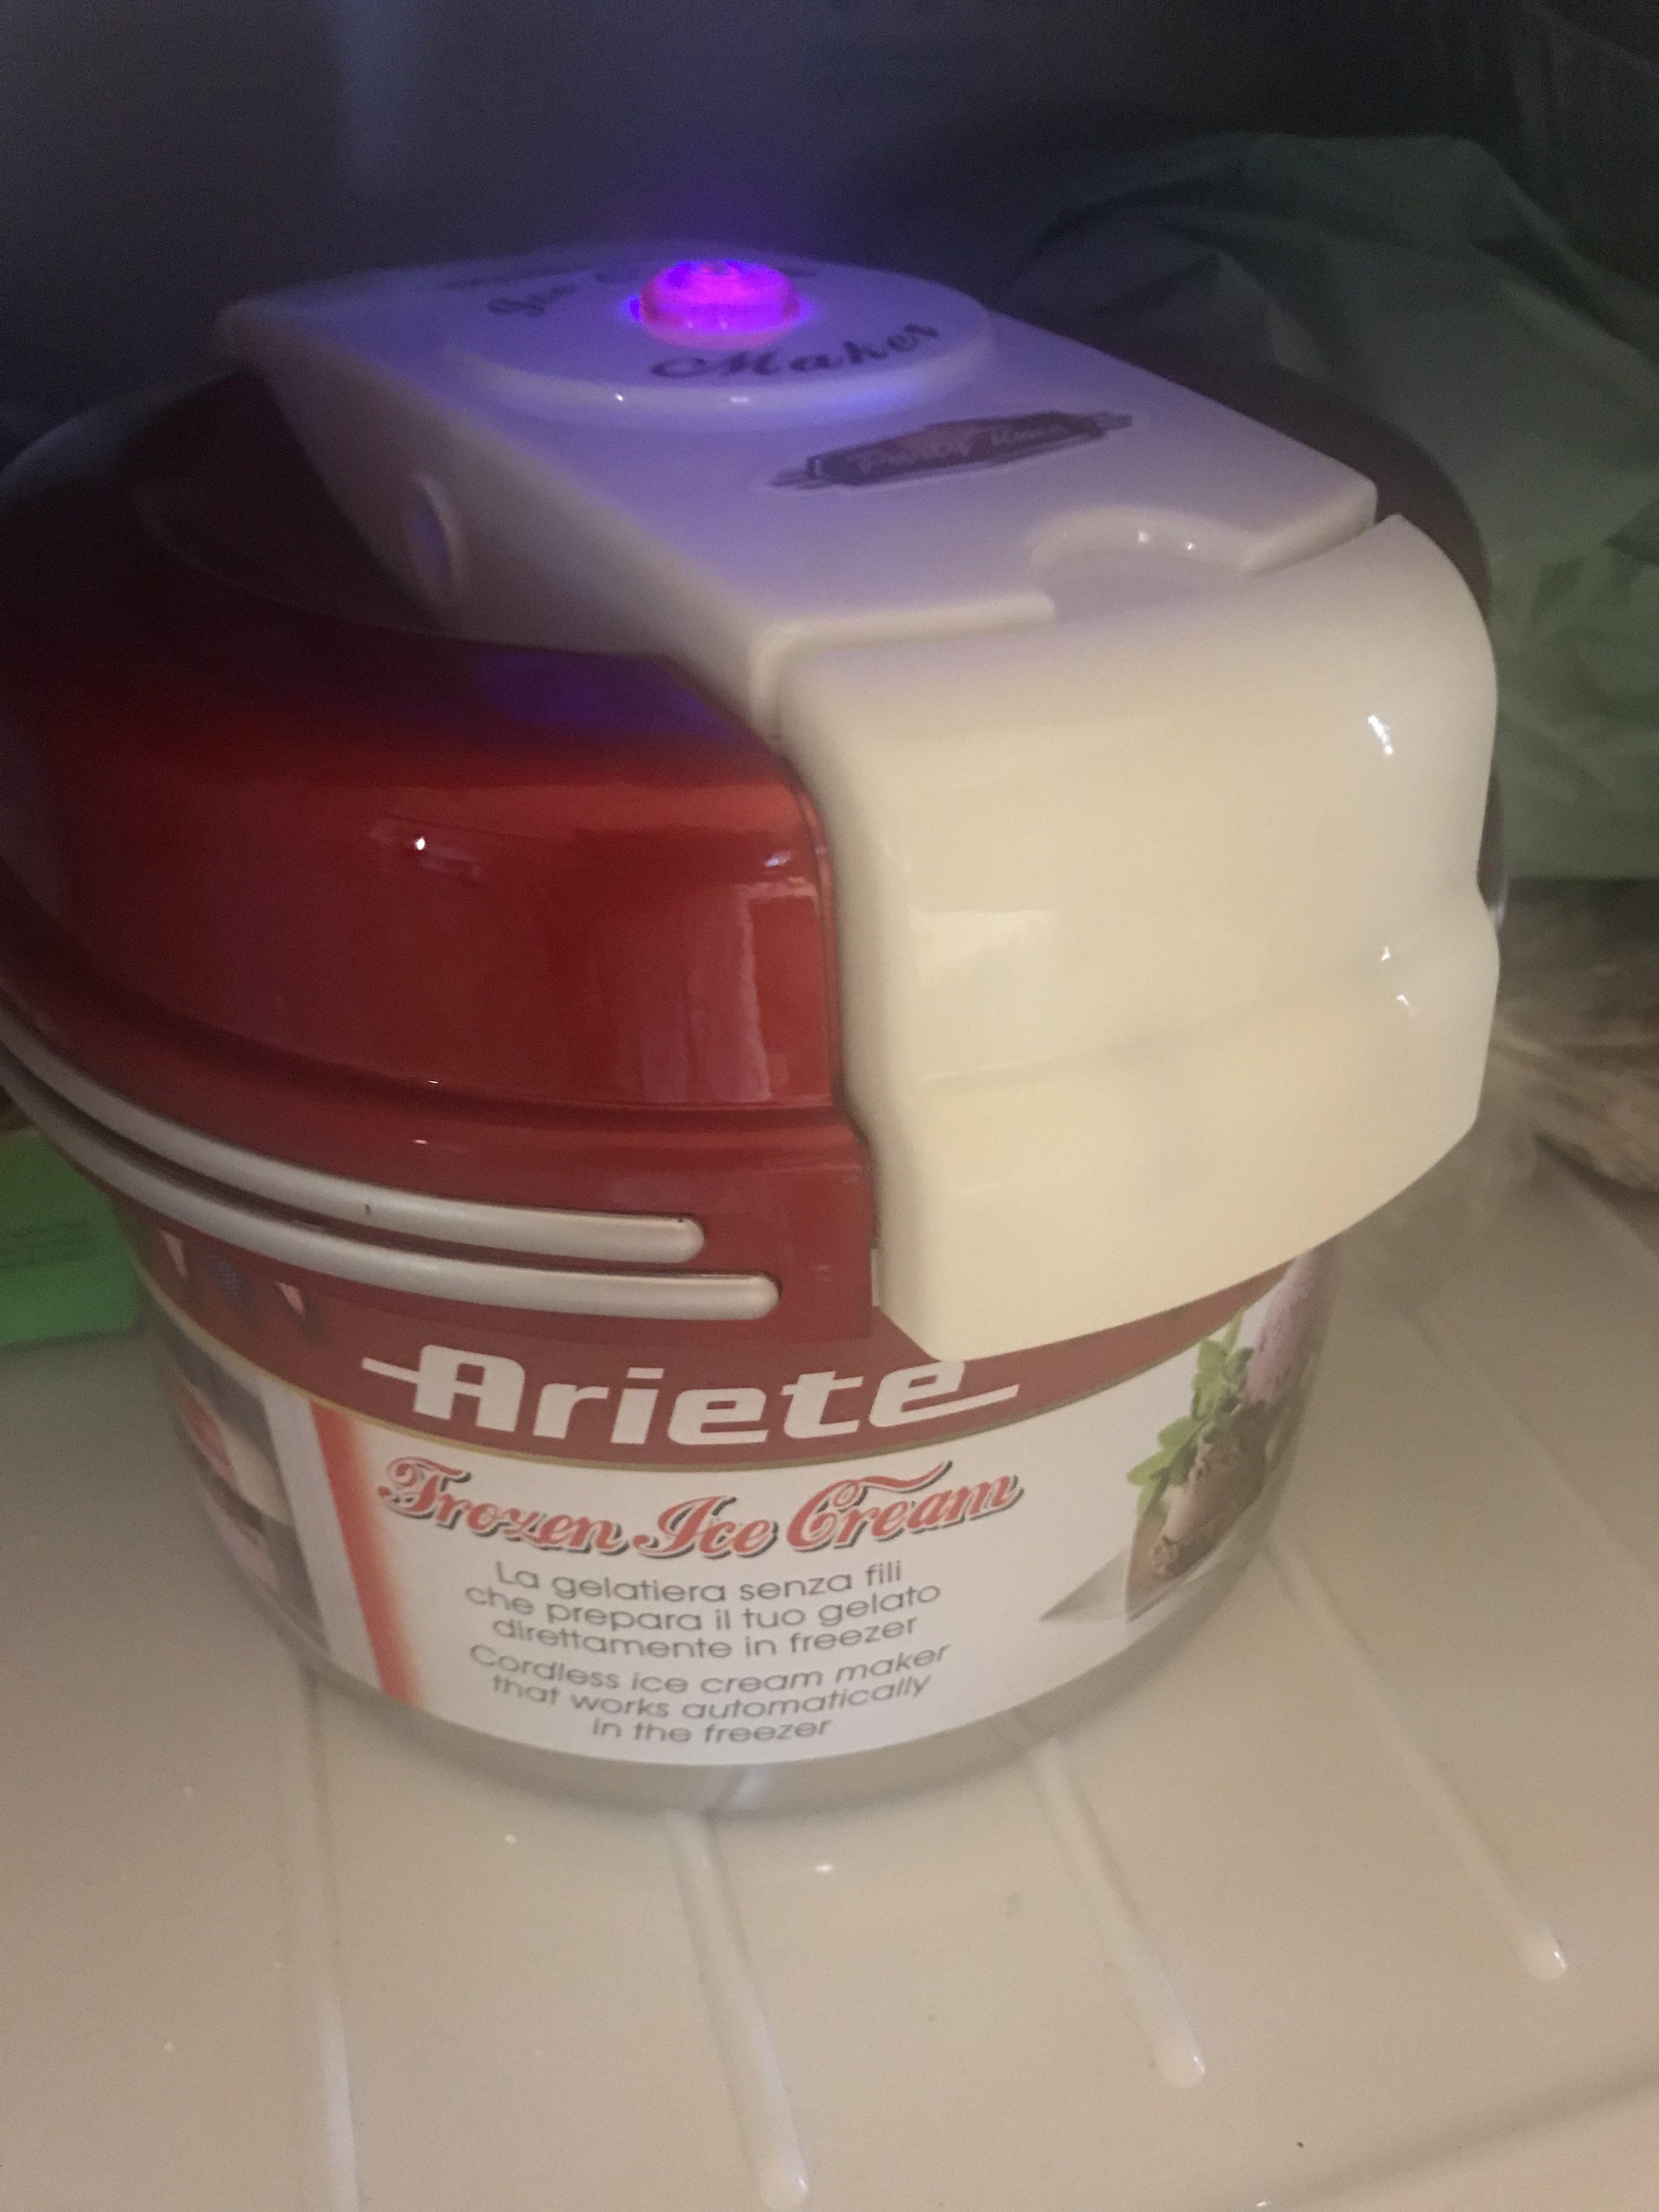 Gelatiera Ariete Frozen Ice Cream